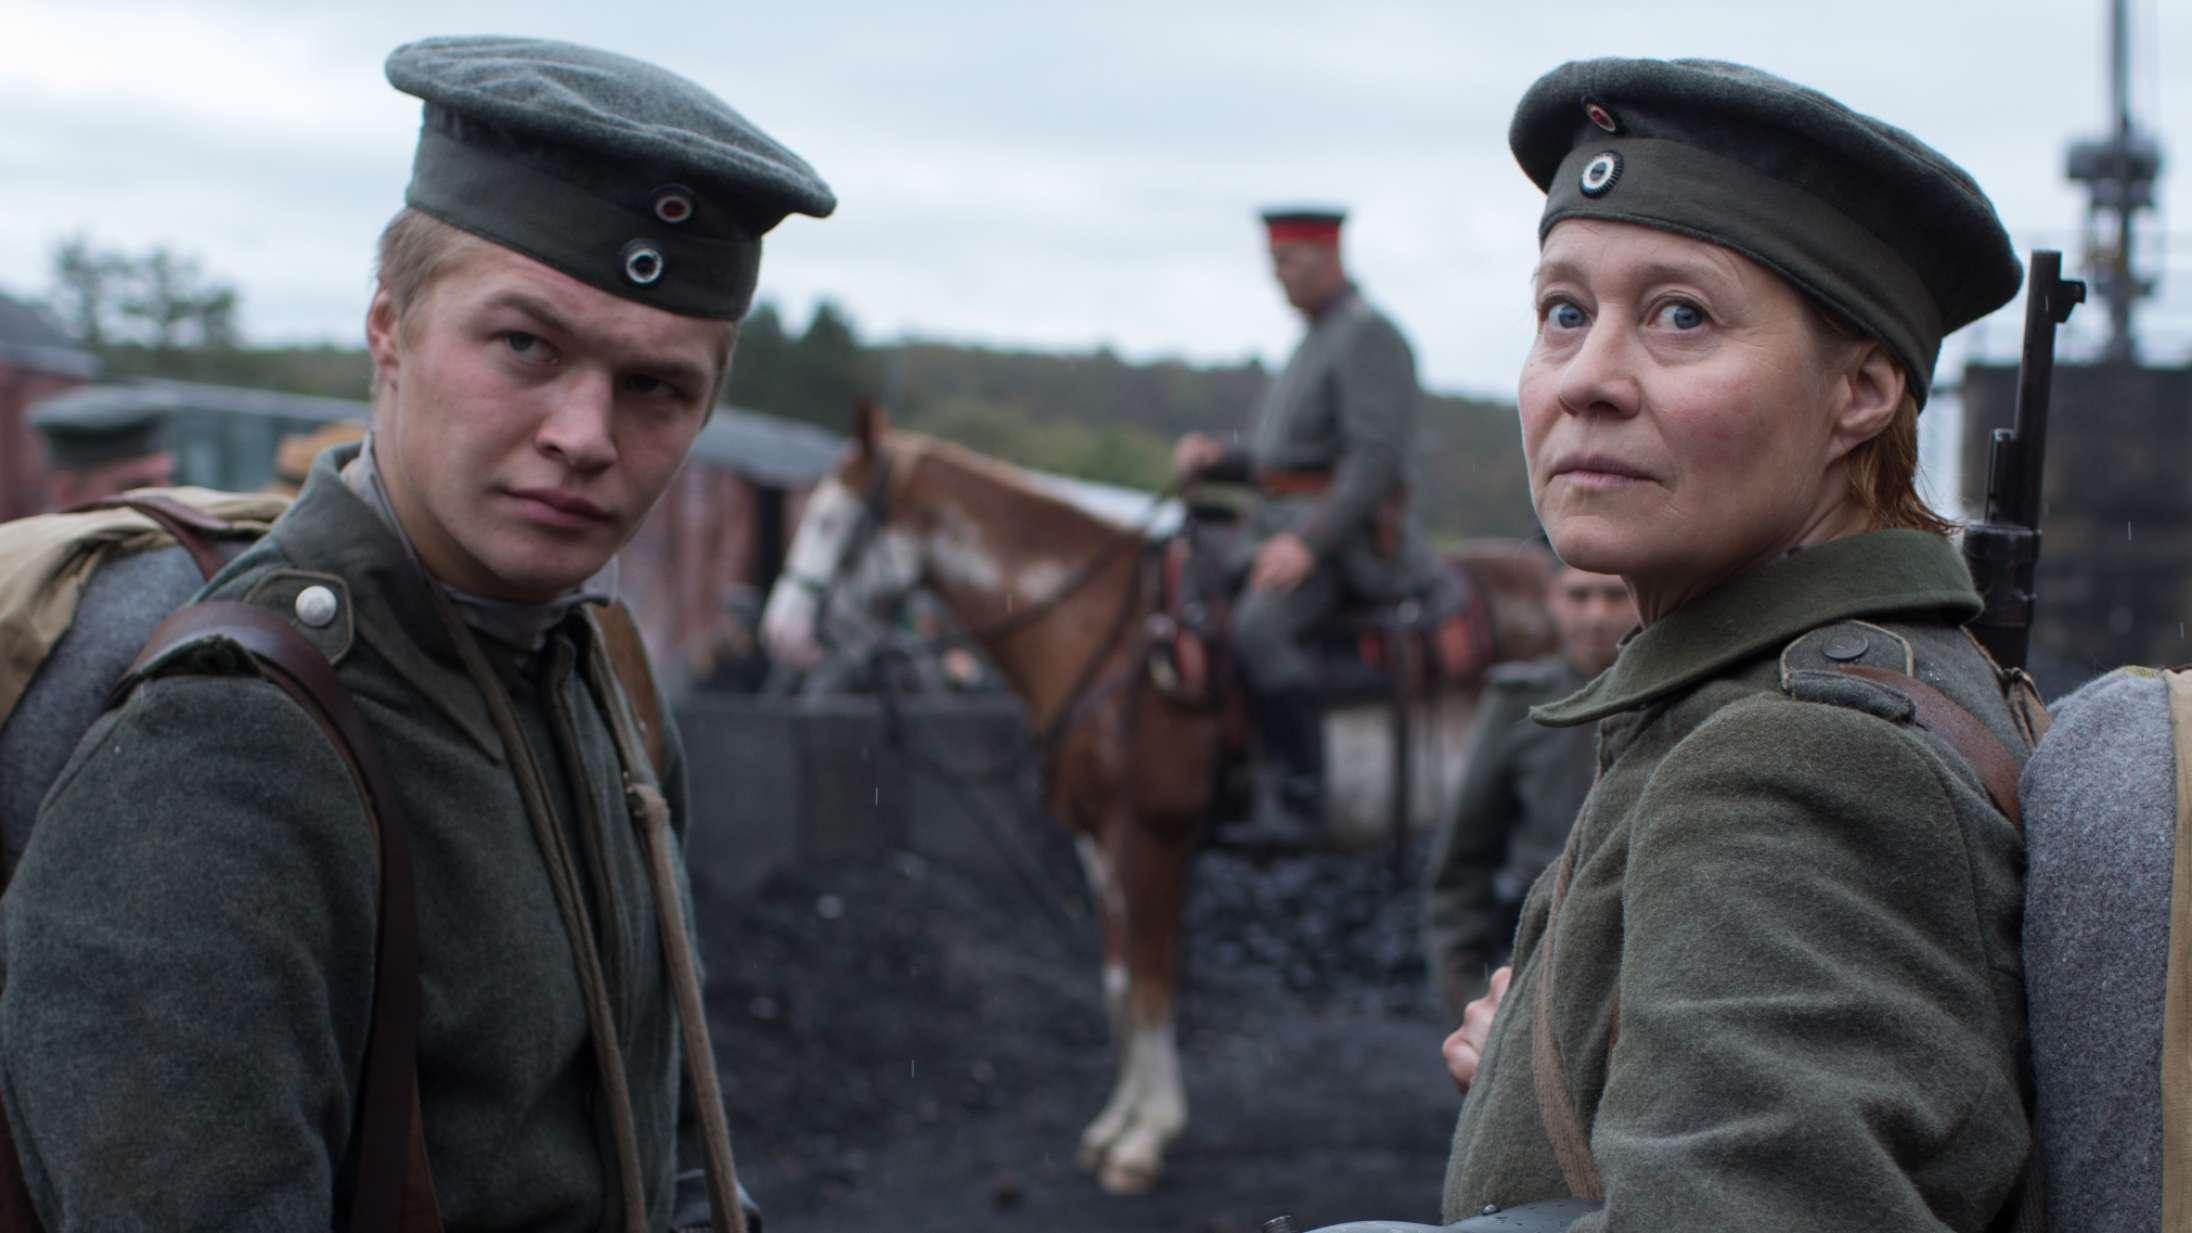 'Erna i krig': Forfriskende krigsfilm med Trine Dyrholm forklædt som mand